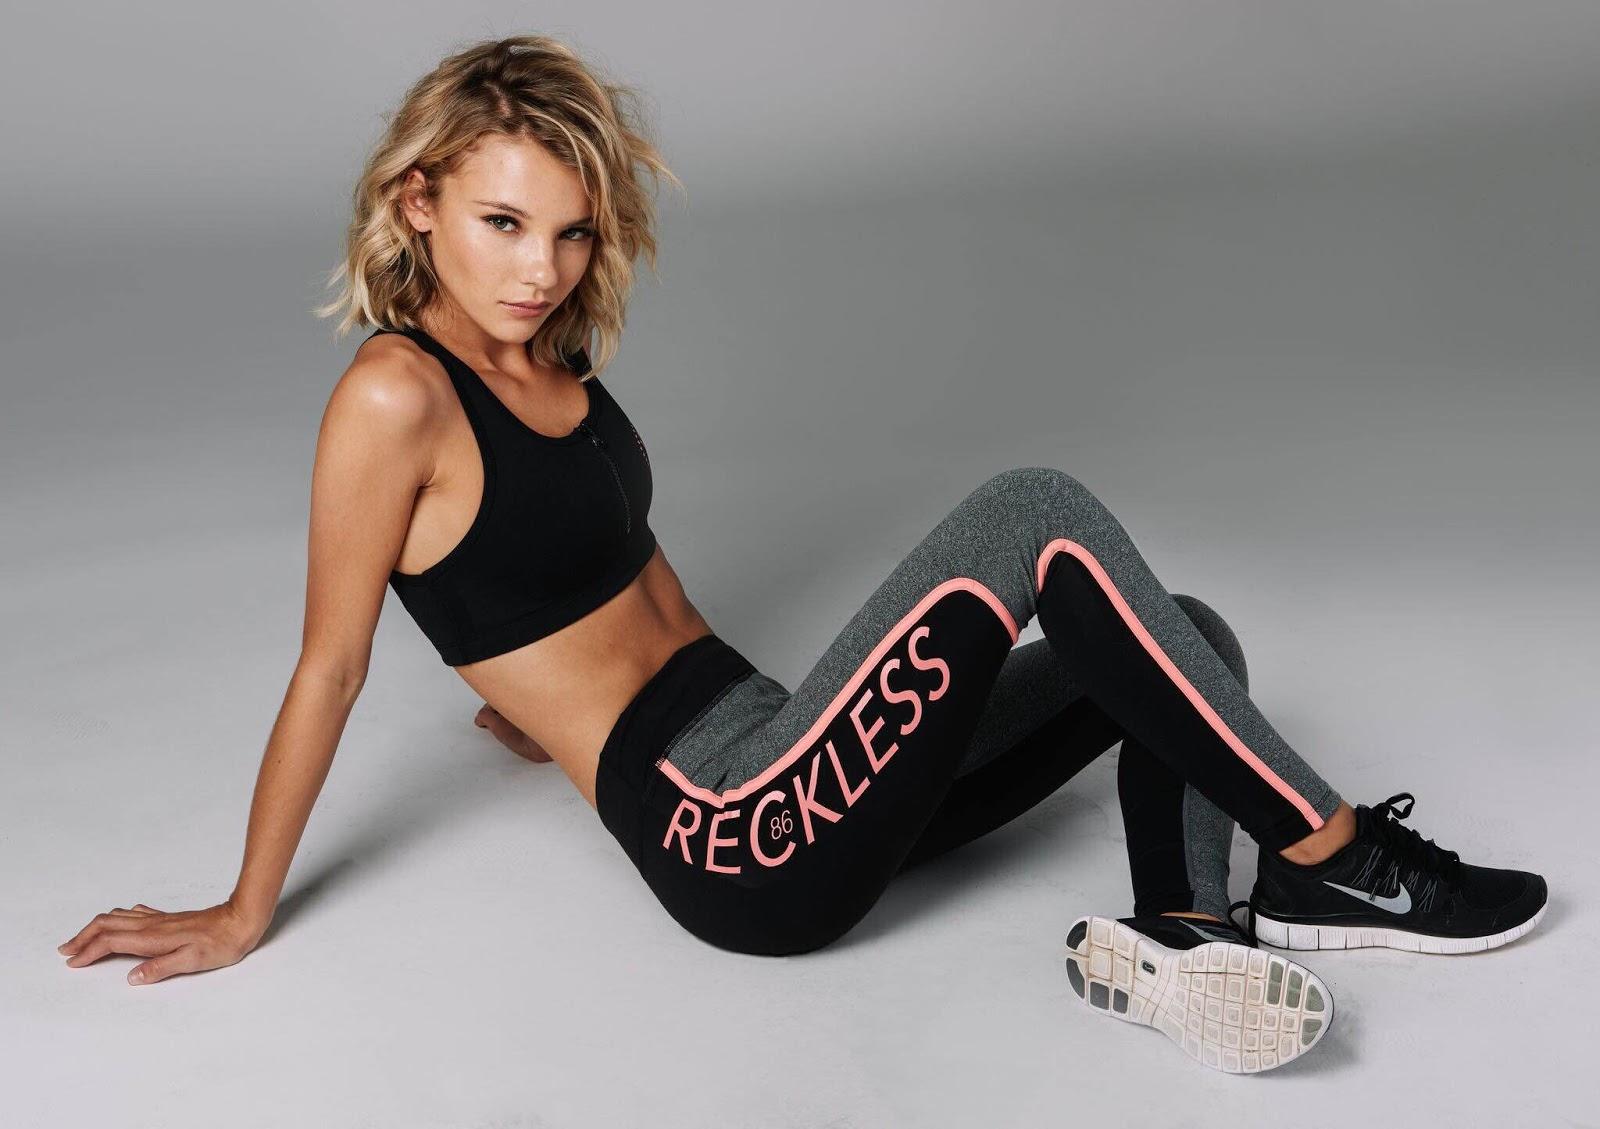 RECKLESS- #Rachel